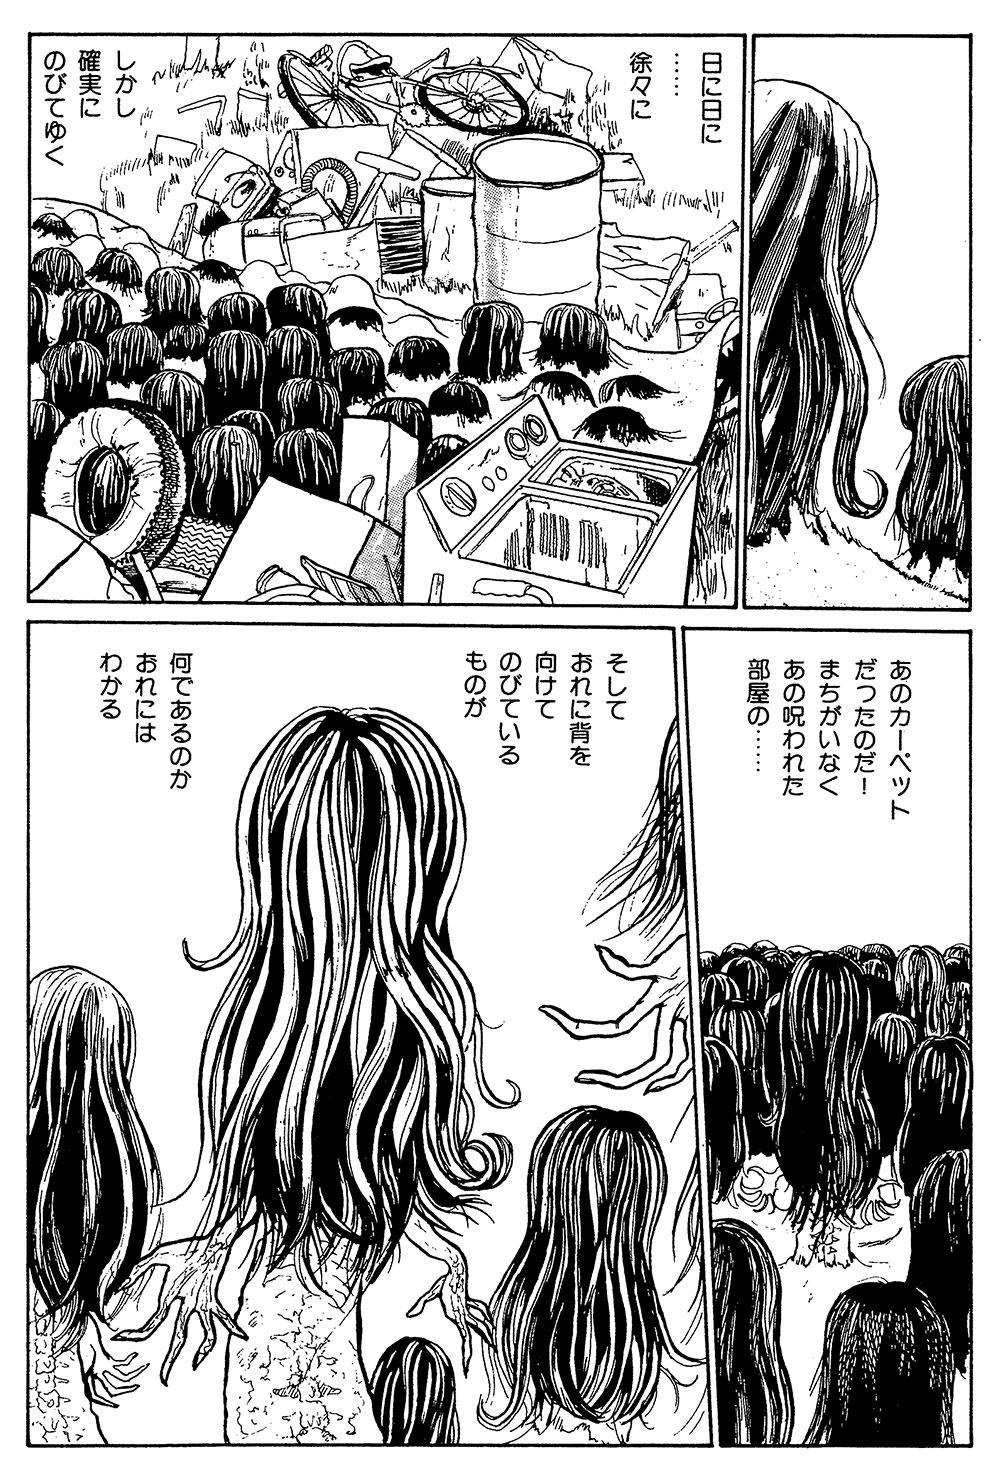 伊藤潤二傑作集 第5話「富江 接吻」⑤junji19-13.jpg